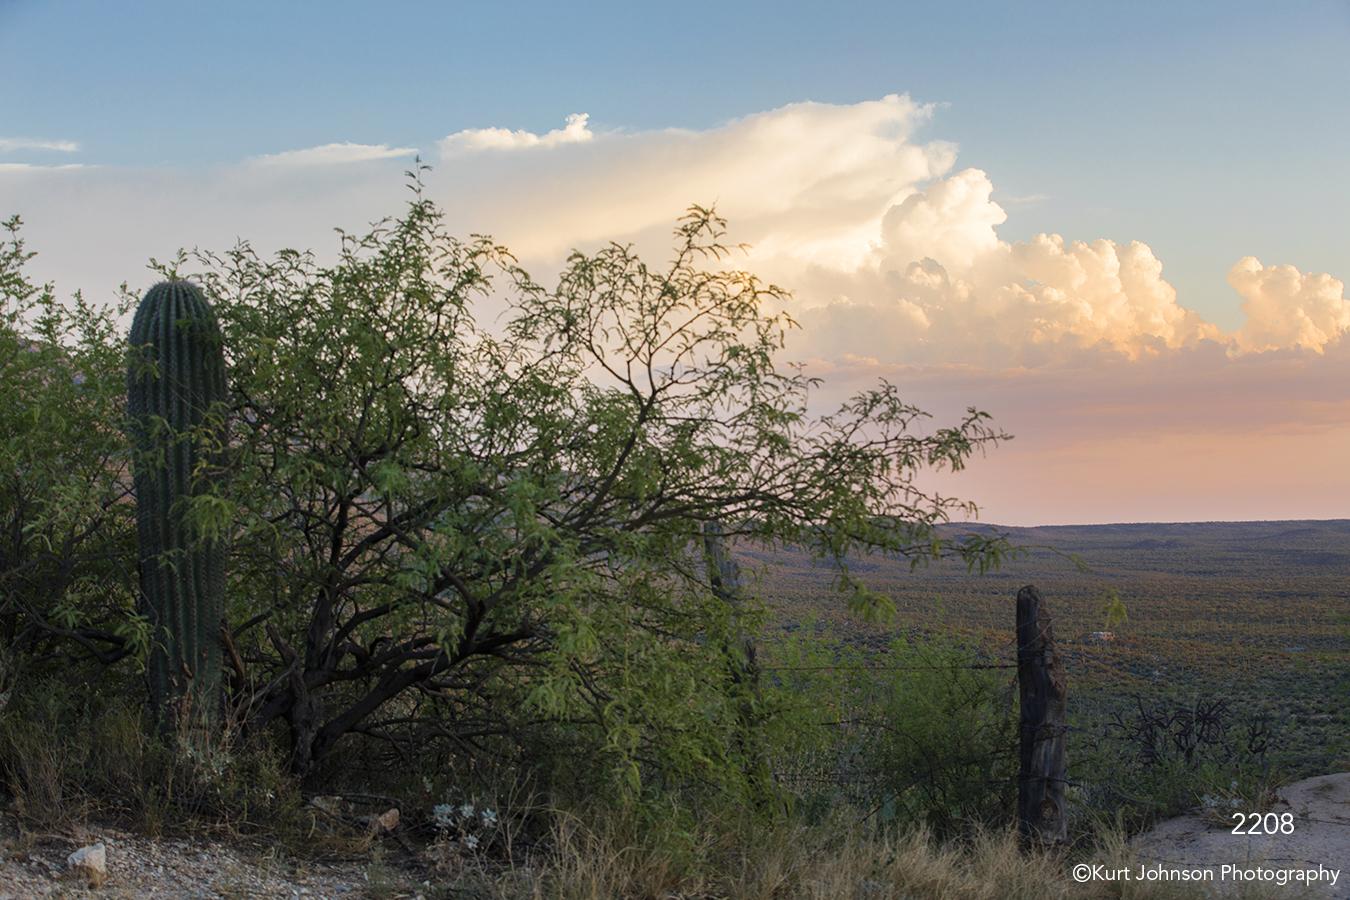 southwest landscape cactus clouds desert mountains trees